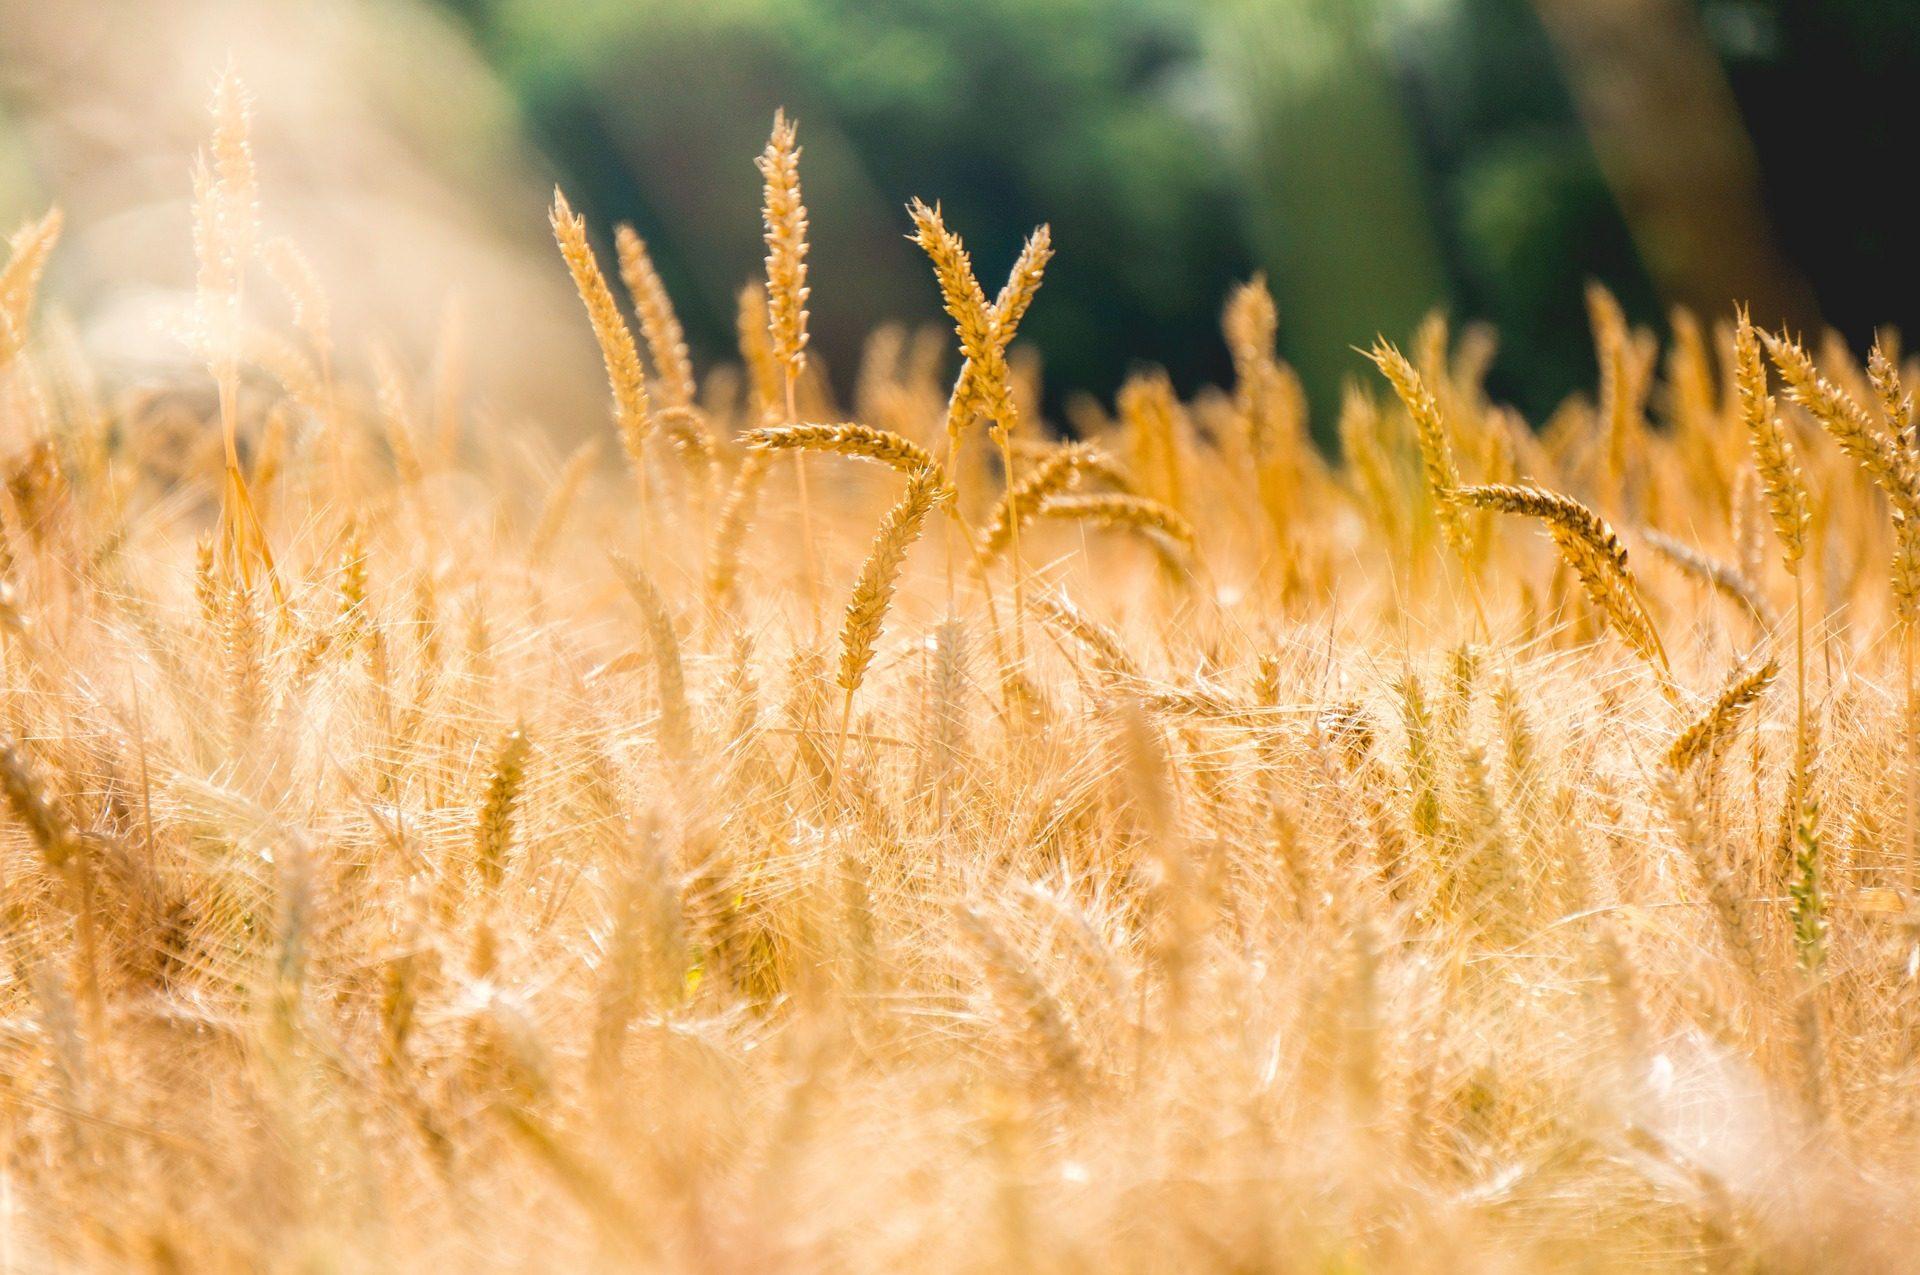 القمح, مزرعة, زراعة, والتموج, الميدان - خلفيات عالية الدقة - أستاذ falken.com